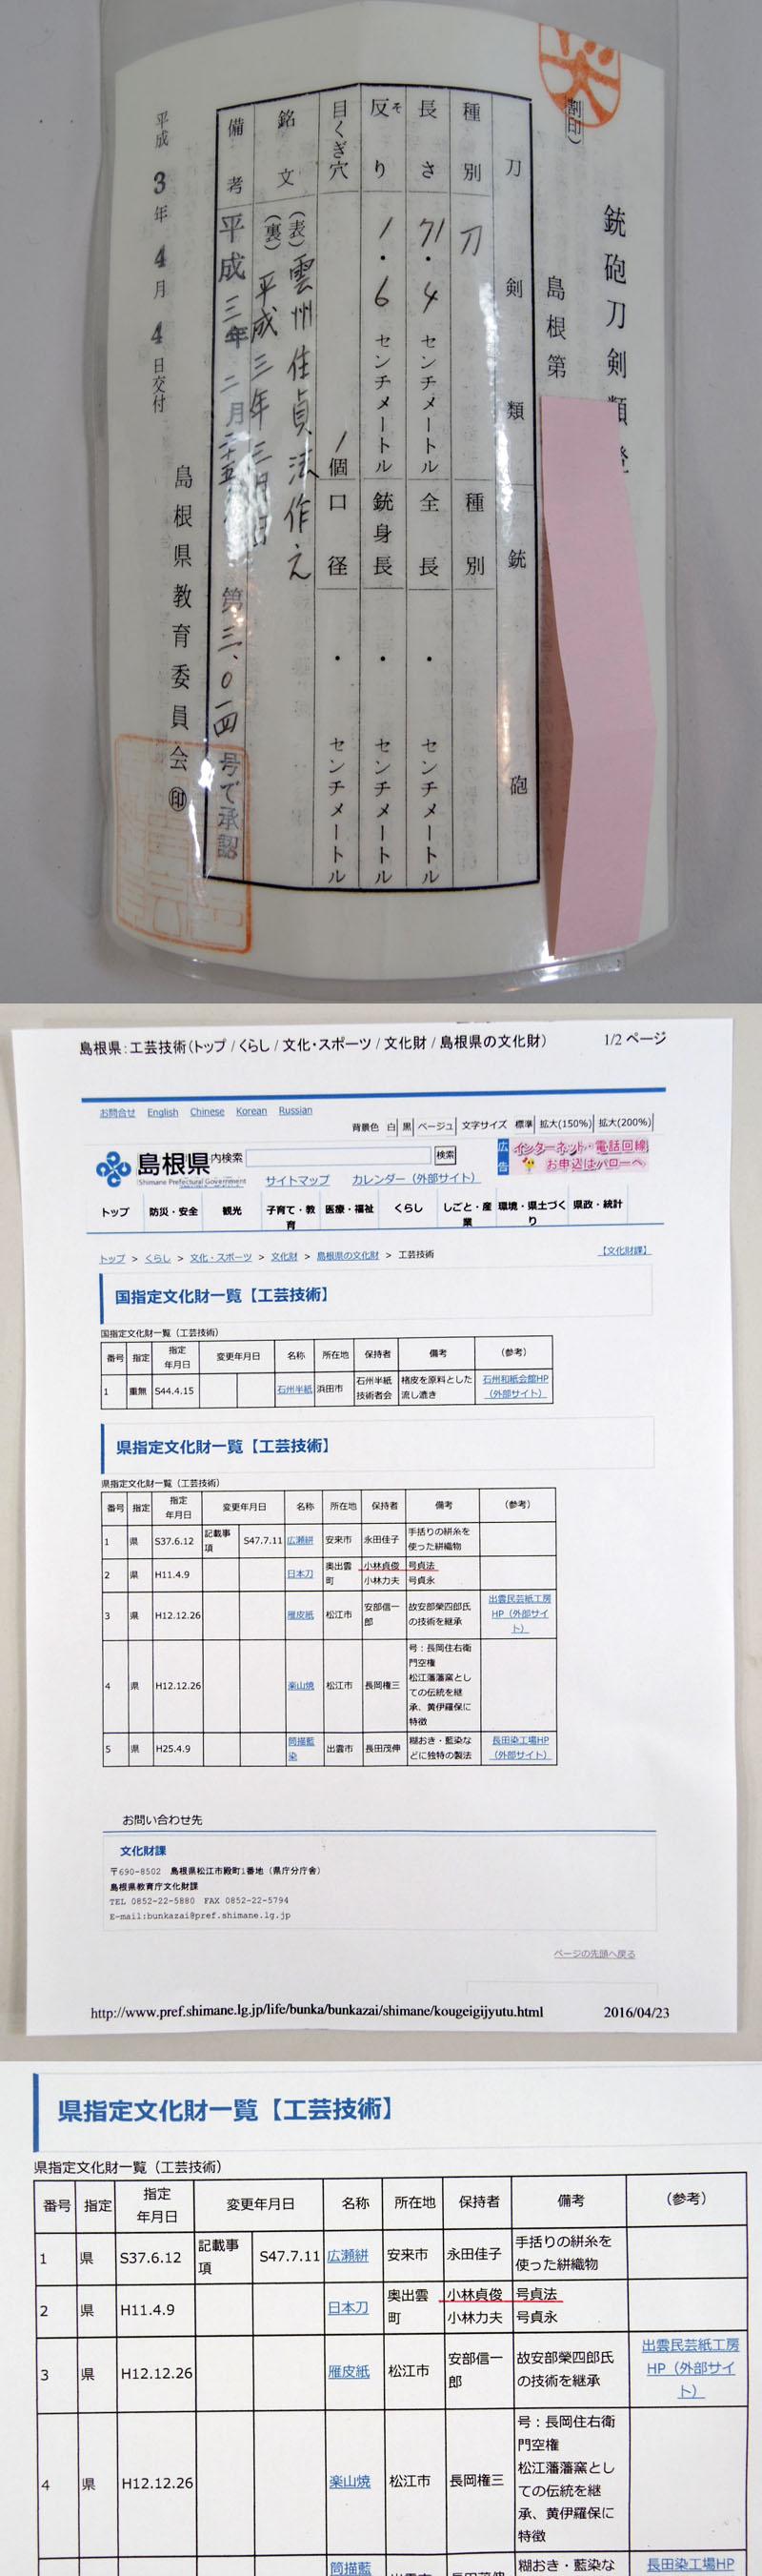 雲州住貞法作之(小林貞法) Picture of Certificate